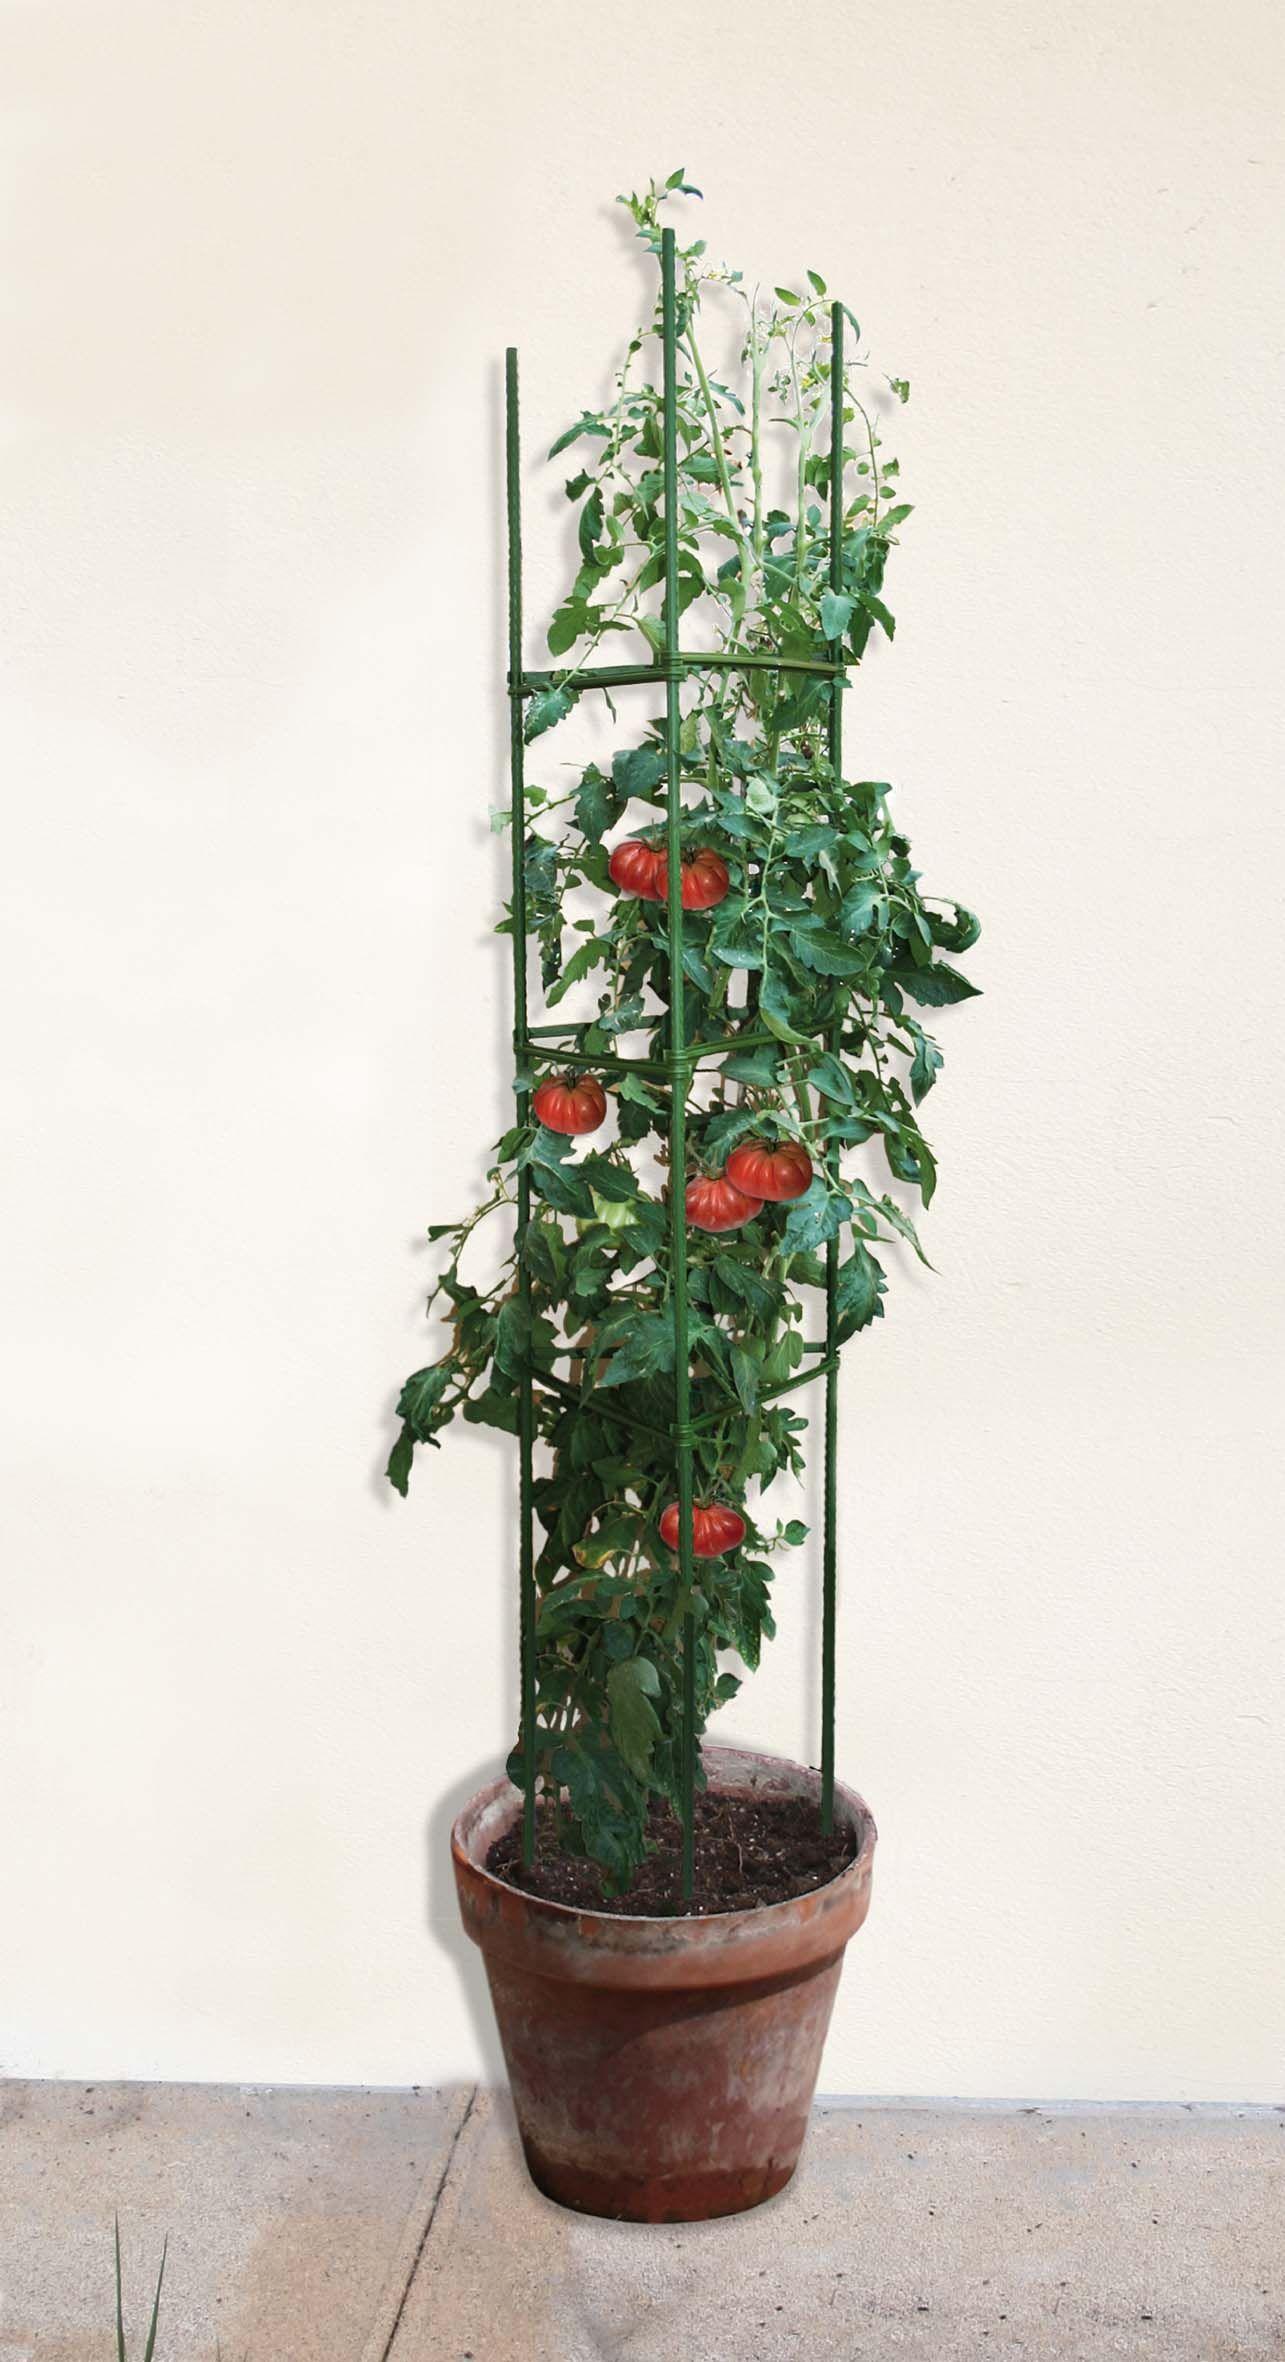 Sostegni Per Pomodori In Vaso formato da 3 tutori in acciaio, ideale per piante rampicanti